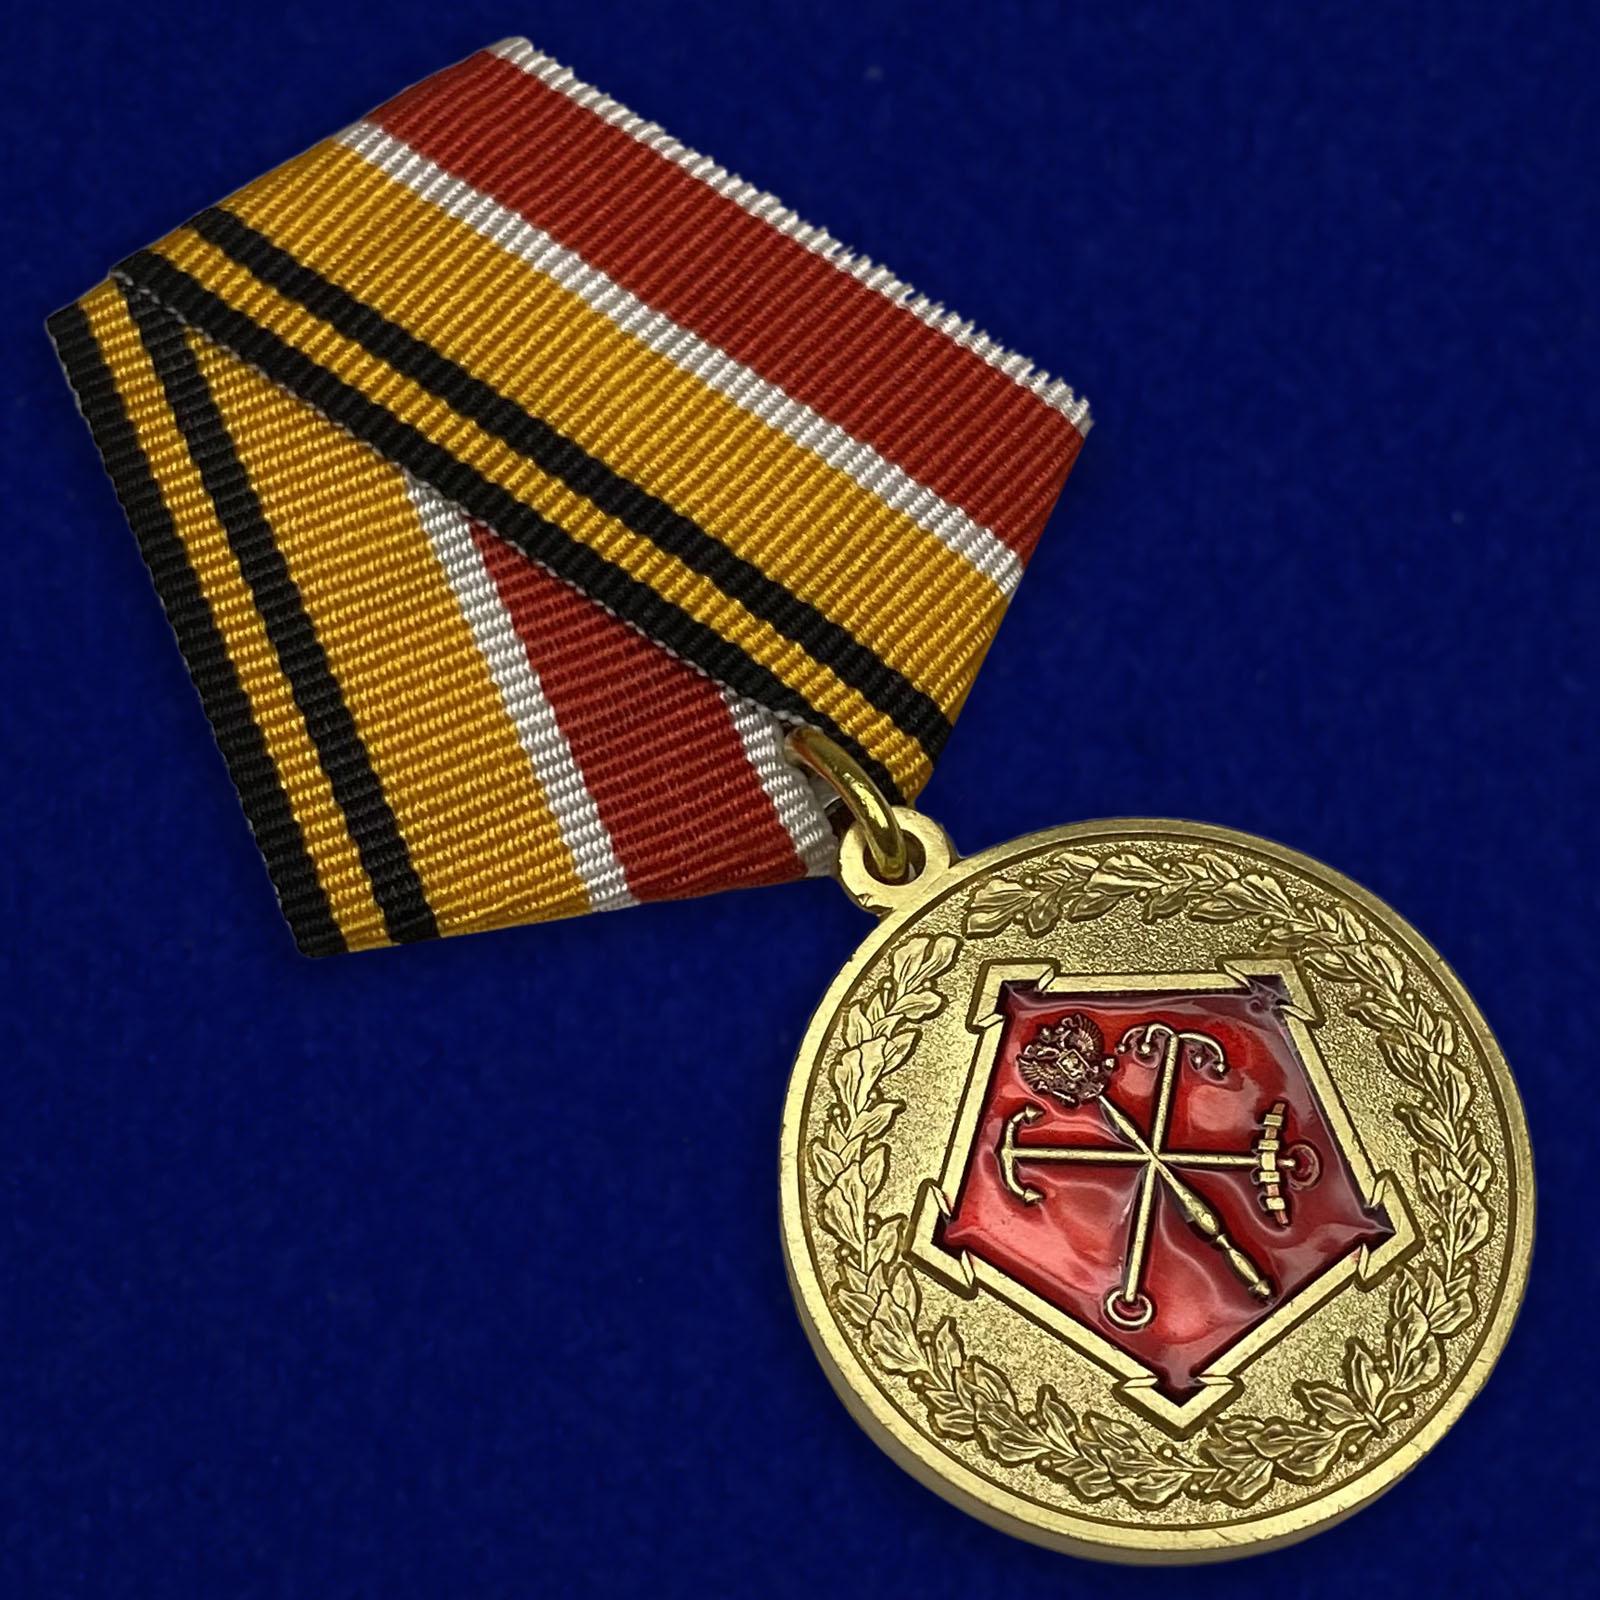 Юбилейная медаль 150 лет Западному военному округу - общий вид